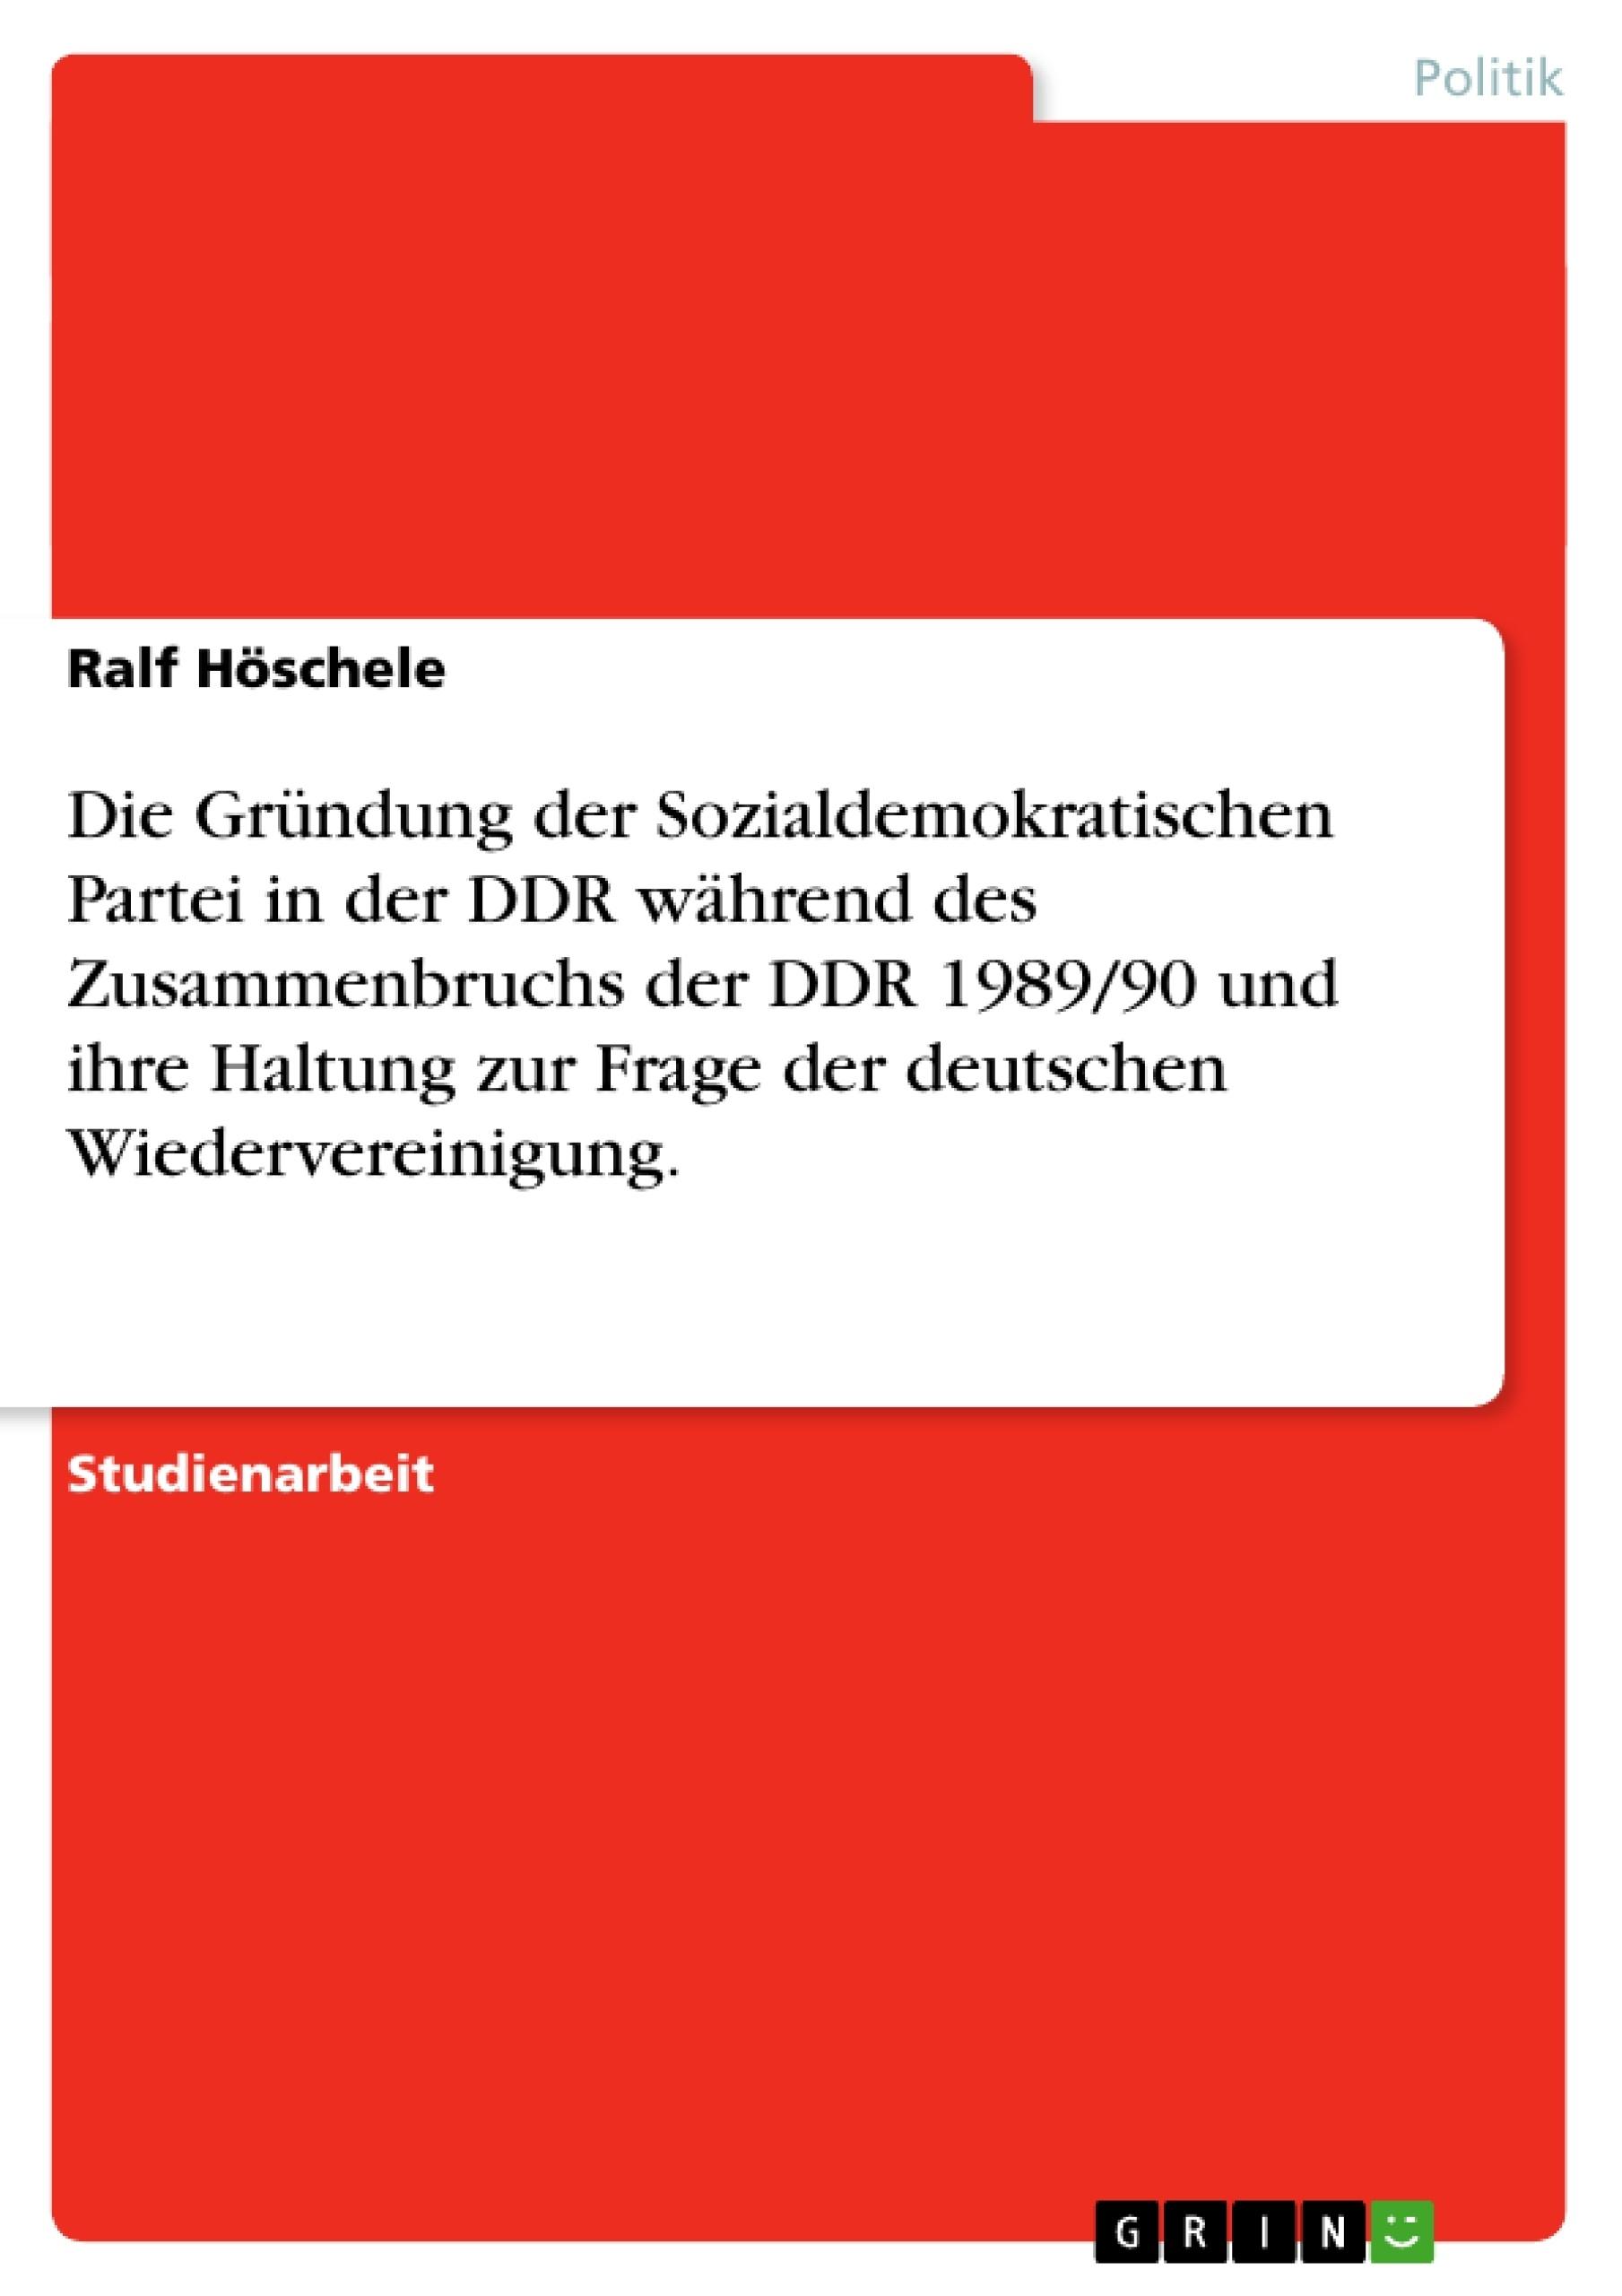 Titel: Die Gründung der Sozialdemokratischen Partei in der DDR während des Zusammenbruchs der DDR 1989/90 und ihre Haltung zur Frage der deutschen Wiedervereinigung.